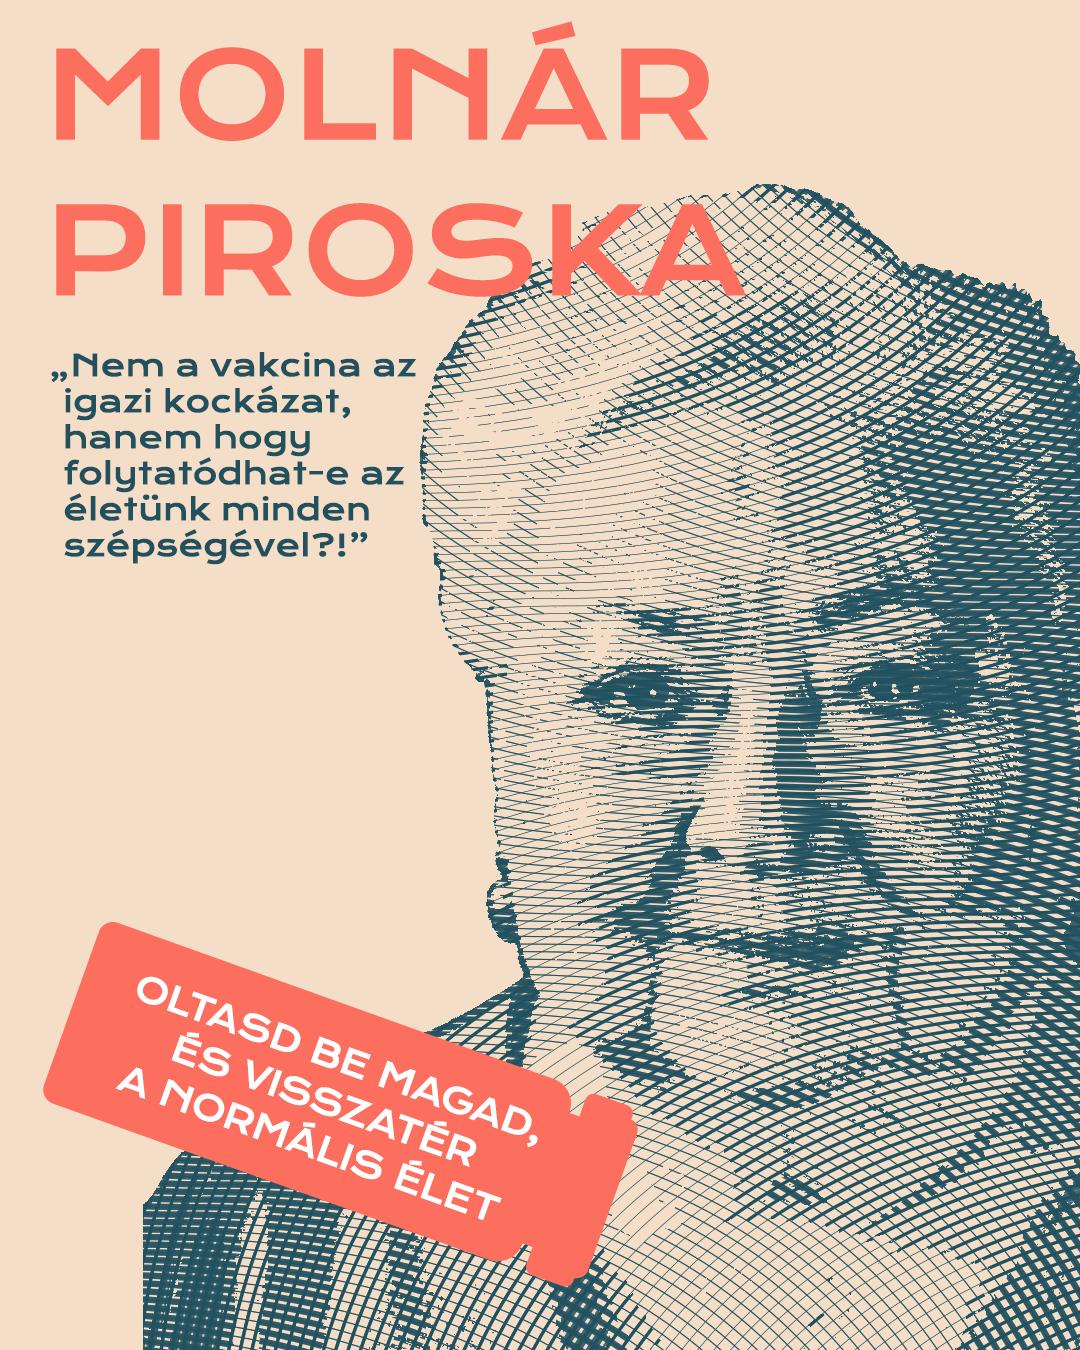 Molnár Piroska Mok kampány